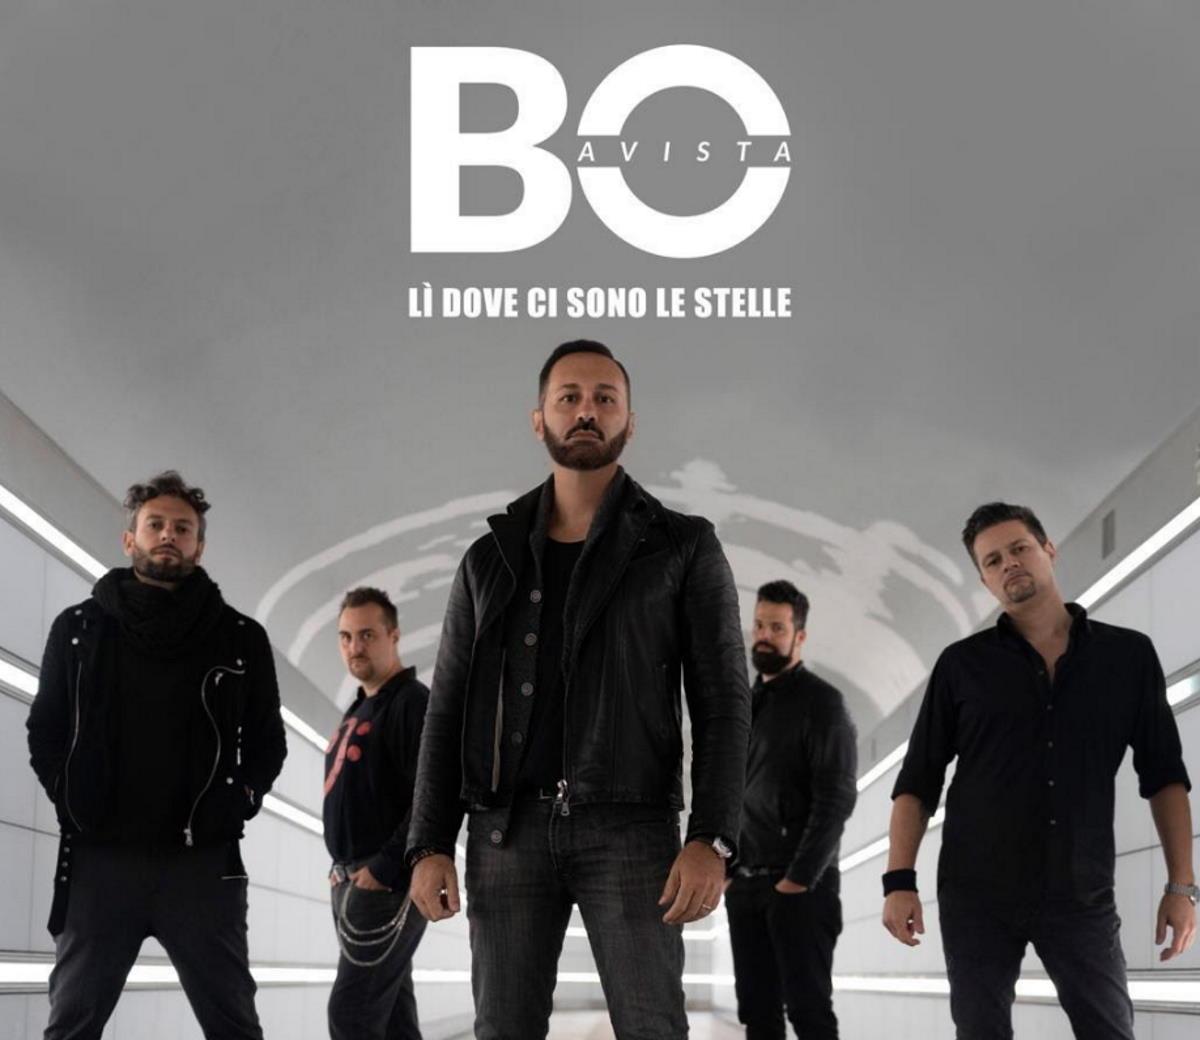 """Boavista """"Lì dove ci sono le stelle"""" fuori il disco d'esordio della band pop-rock bolognese"""